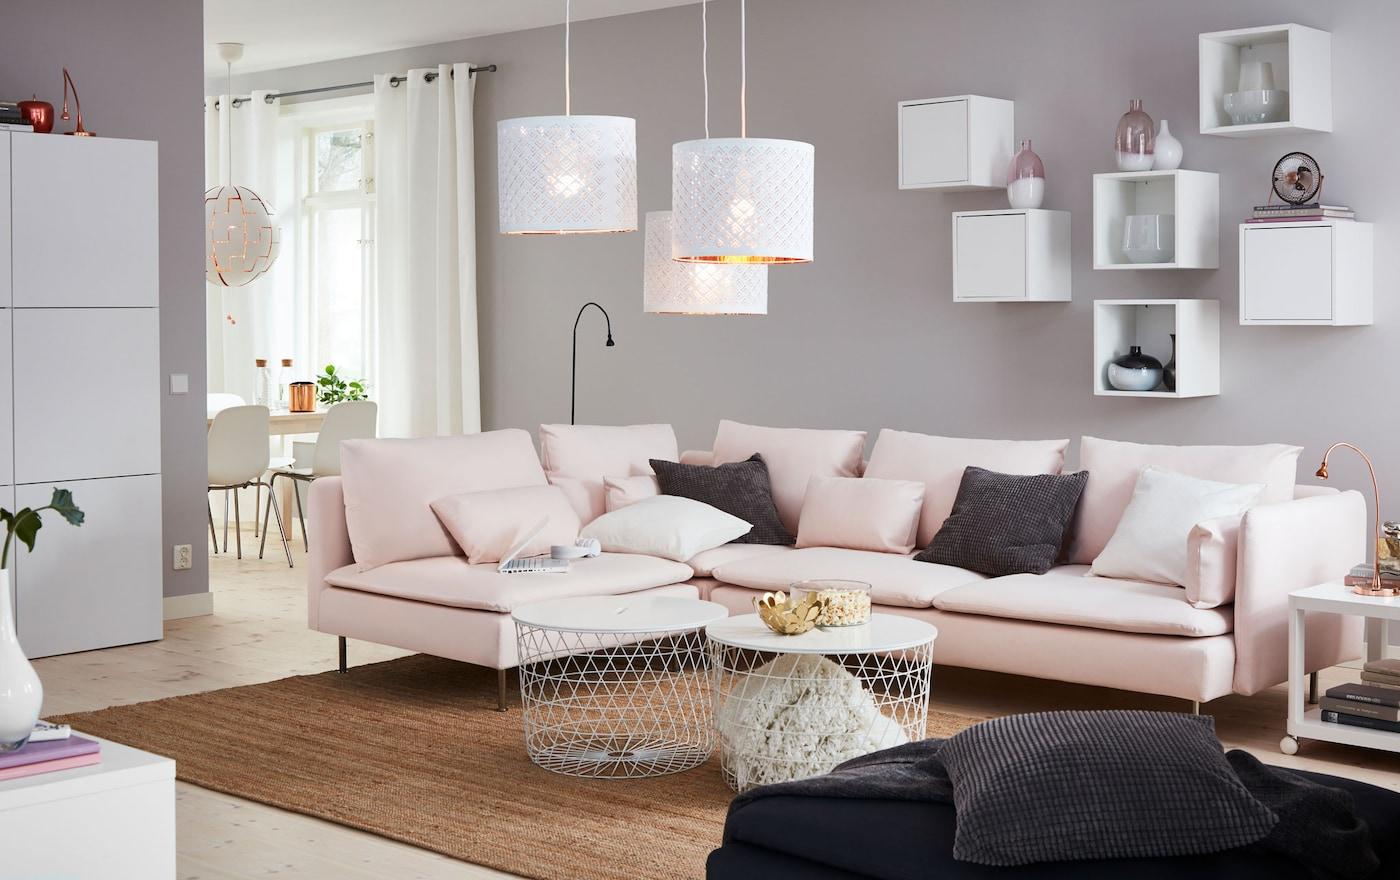 Geselliges Beisammensein In Einem Modernen Wohnzimmer